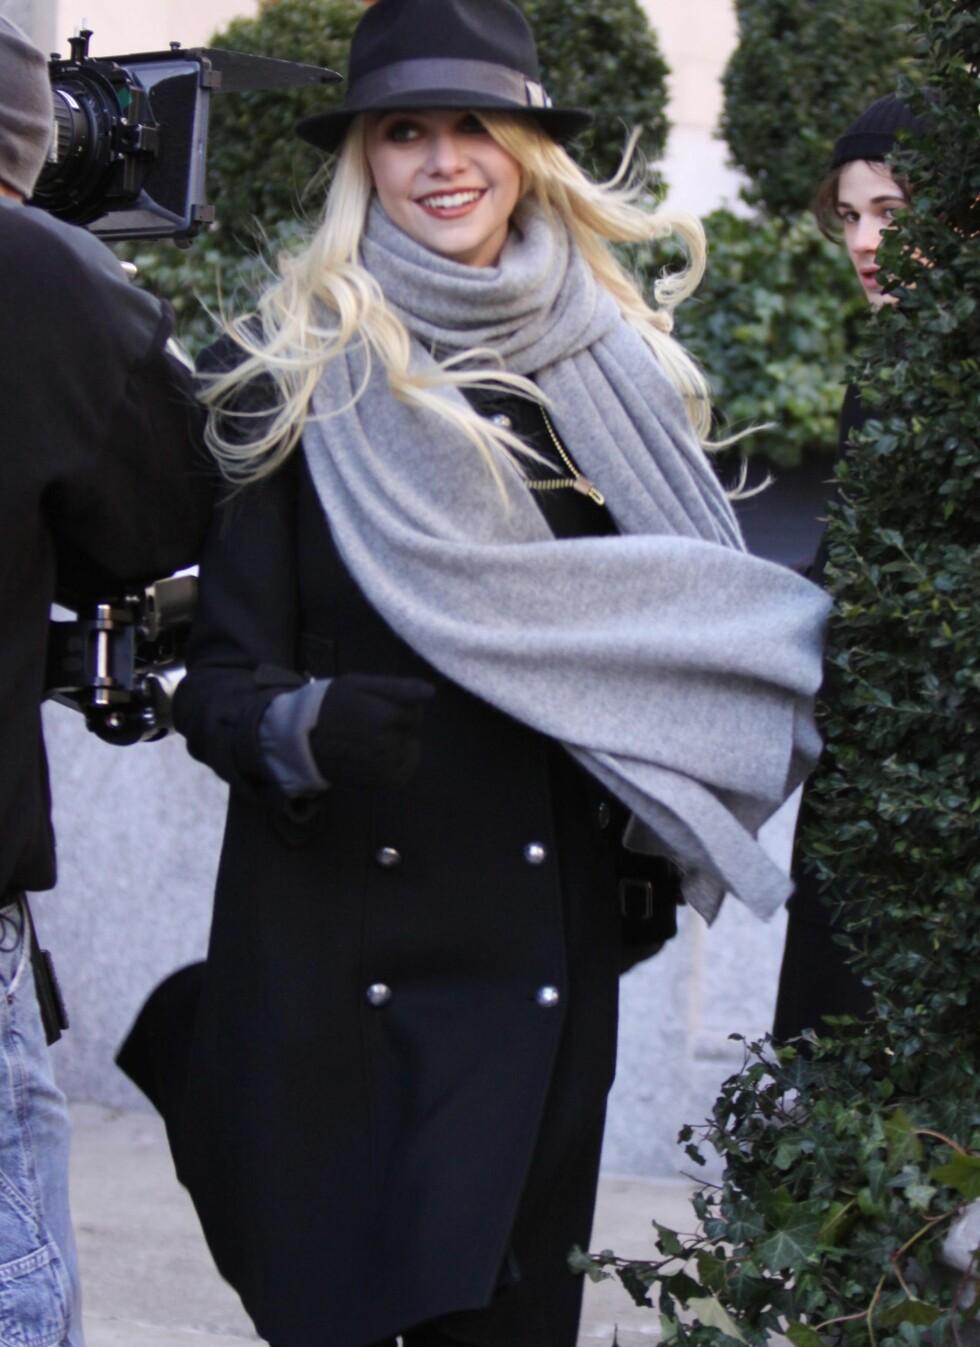 Taylor Momsen har pakket seg inn i et langt sjal og en tykk, dobbeltspent kåpe. P hodet har hun en hatt.  Foto: All Over Press